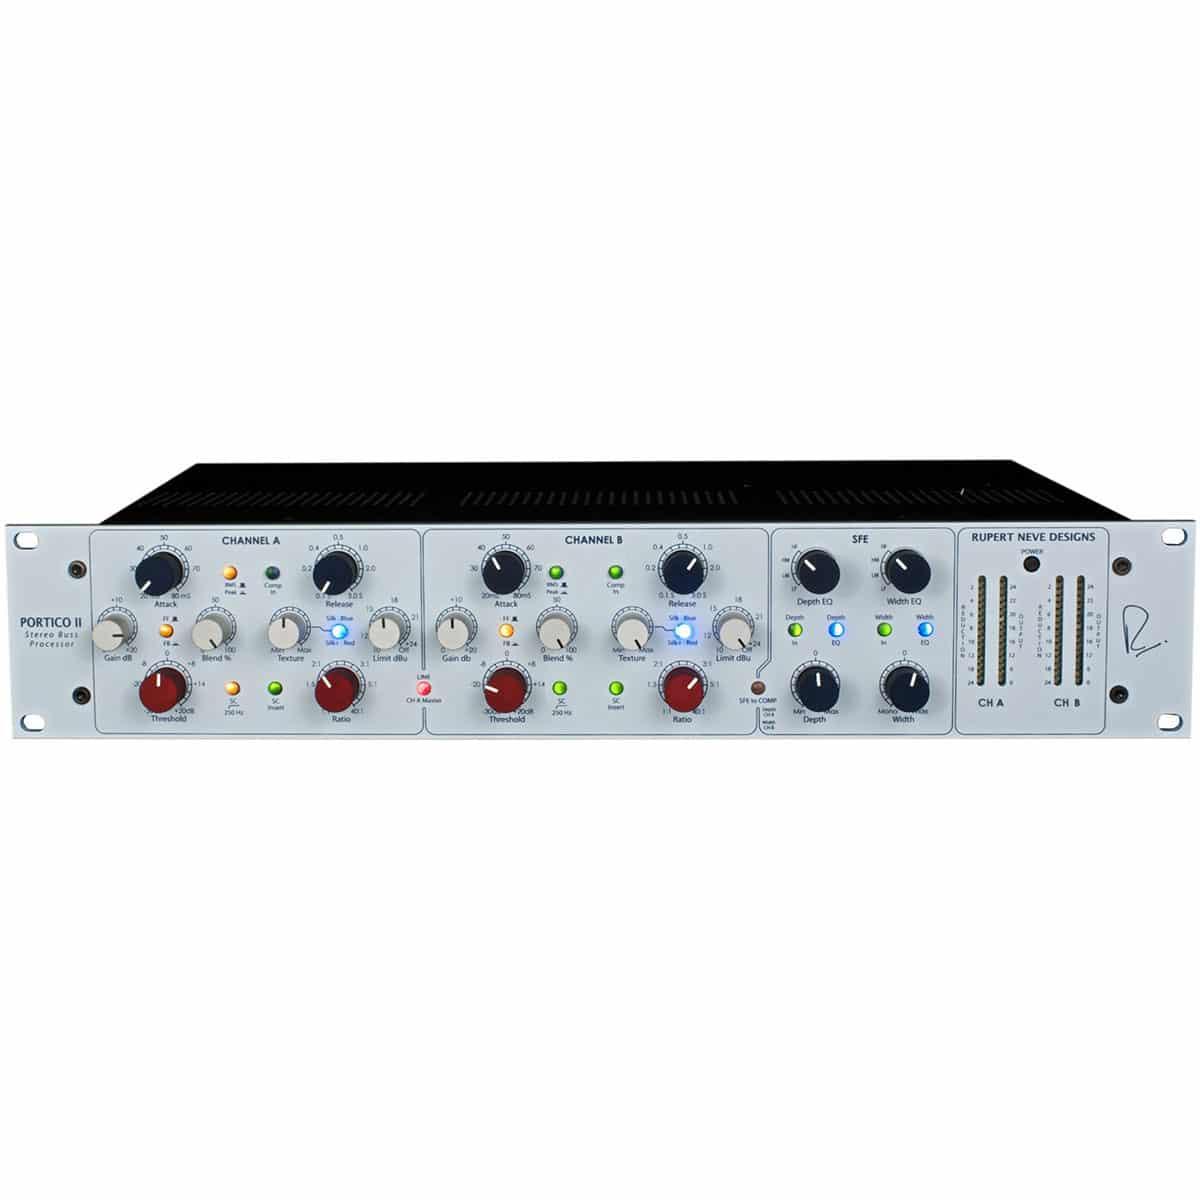 Rupert Neve Portico II Master Bus Processor 01 Strumentazioni Pro Audio per studi di registrazione, Outboard professionale analogico, Compressori analogici per il tuo studio di registrazione